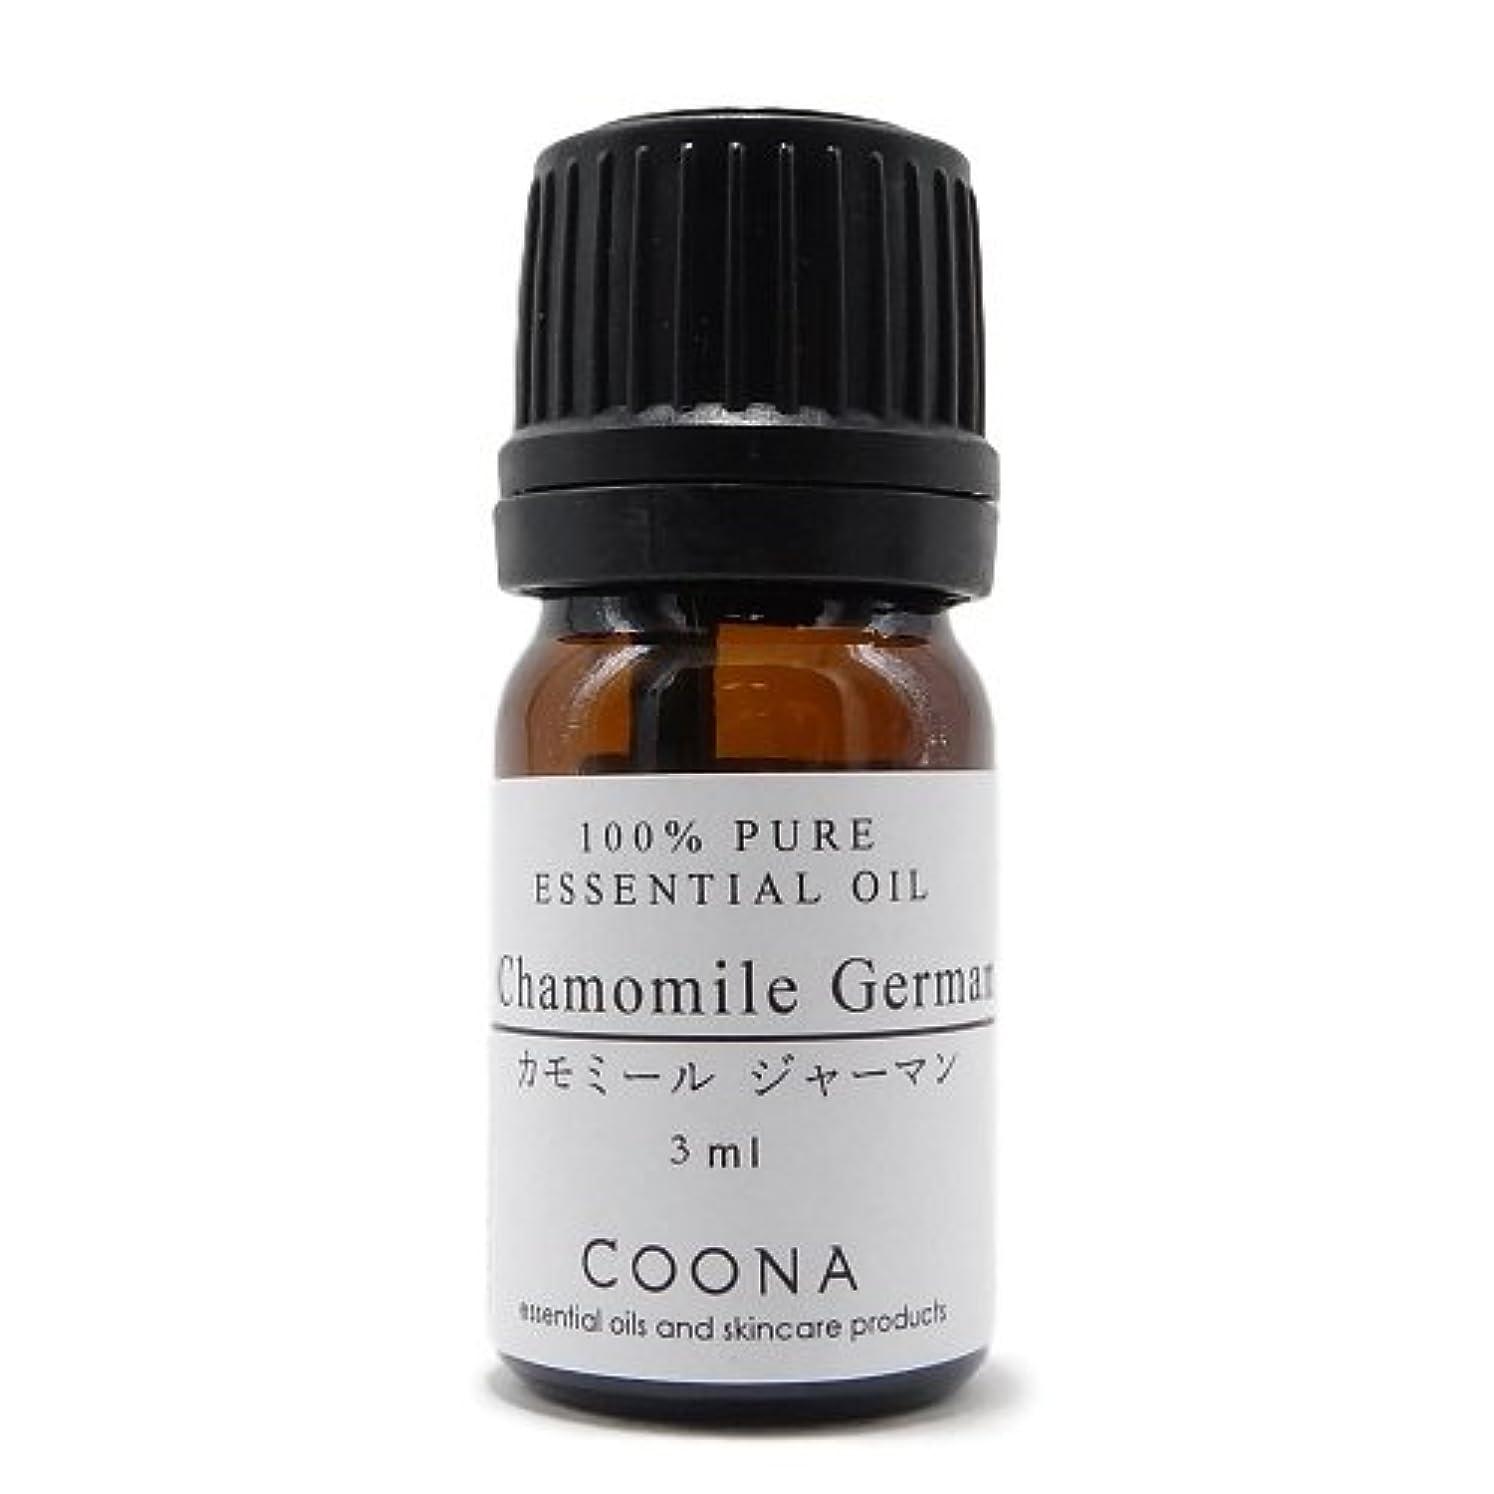 ポット忍耐乳カモミール ジャーマン 3 ml (COONA エッセンシャルオイル アロマオイル 100% 天然植物精油)